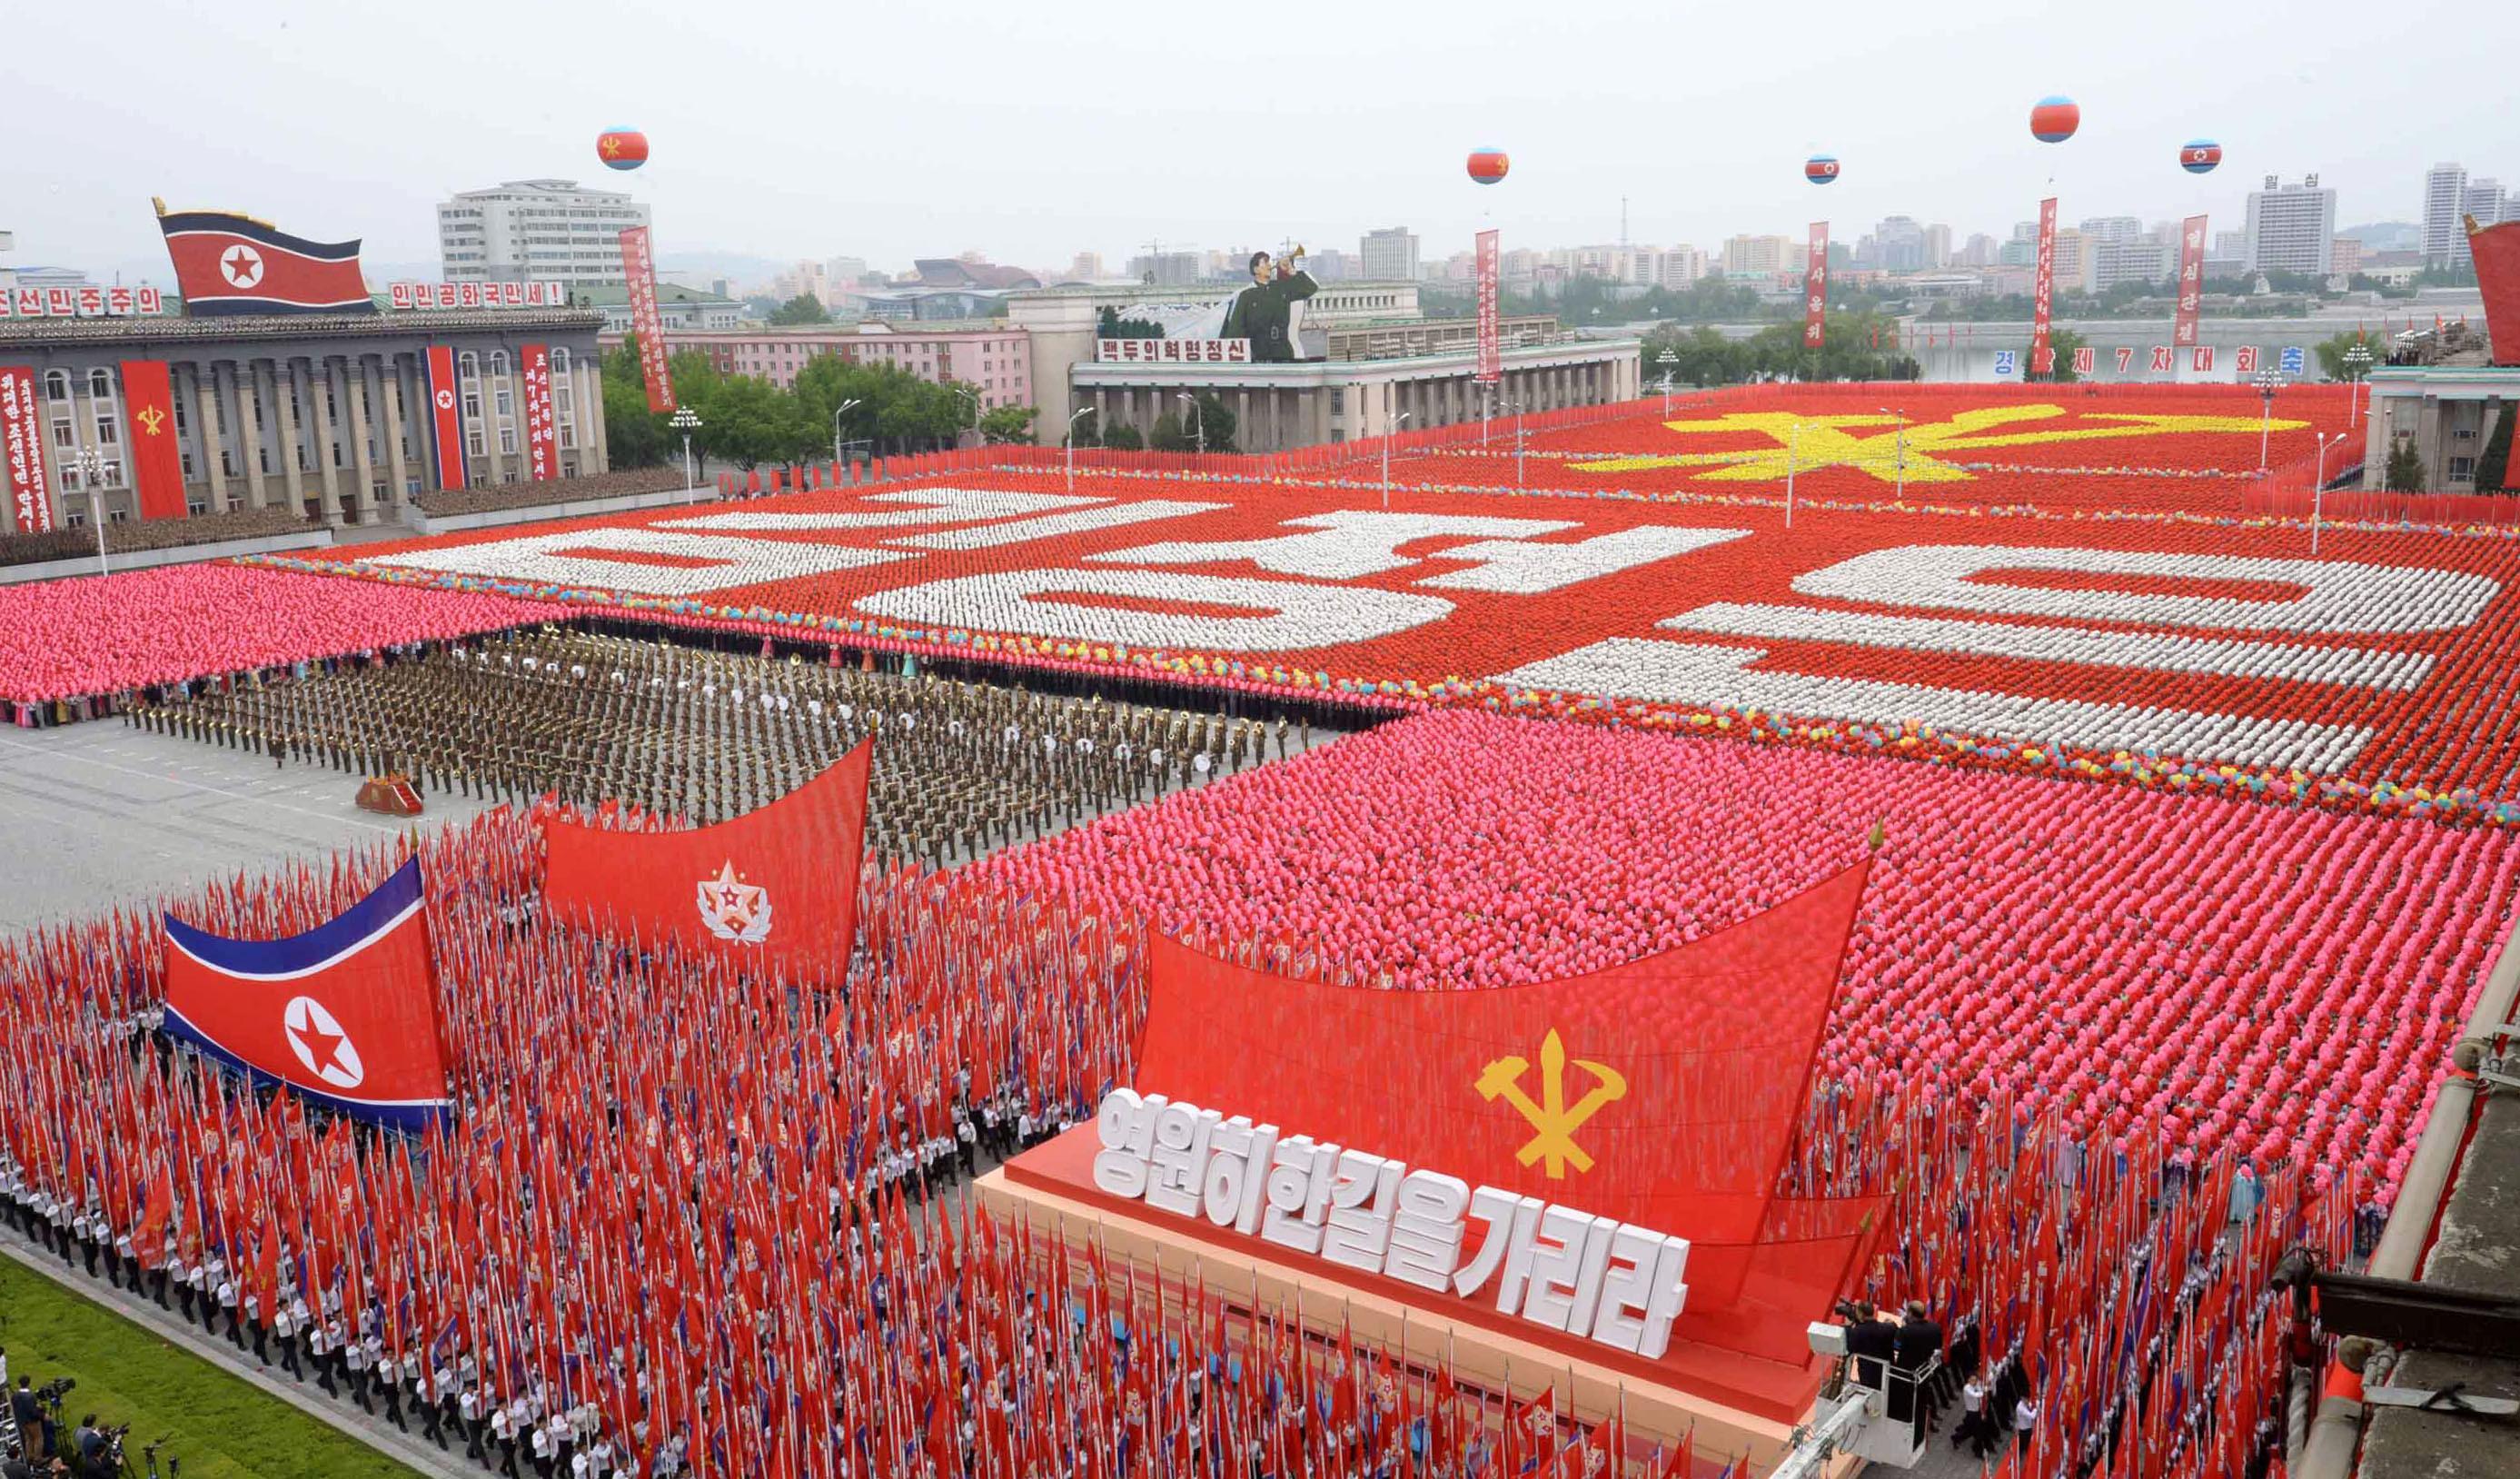 Cea mai mare armată din lume se pregăteşte de război. Preşedintele chinez le-a cerut soldaţilor să nu se teamă de moarte